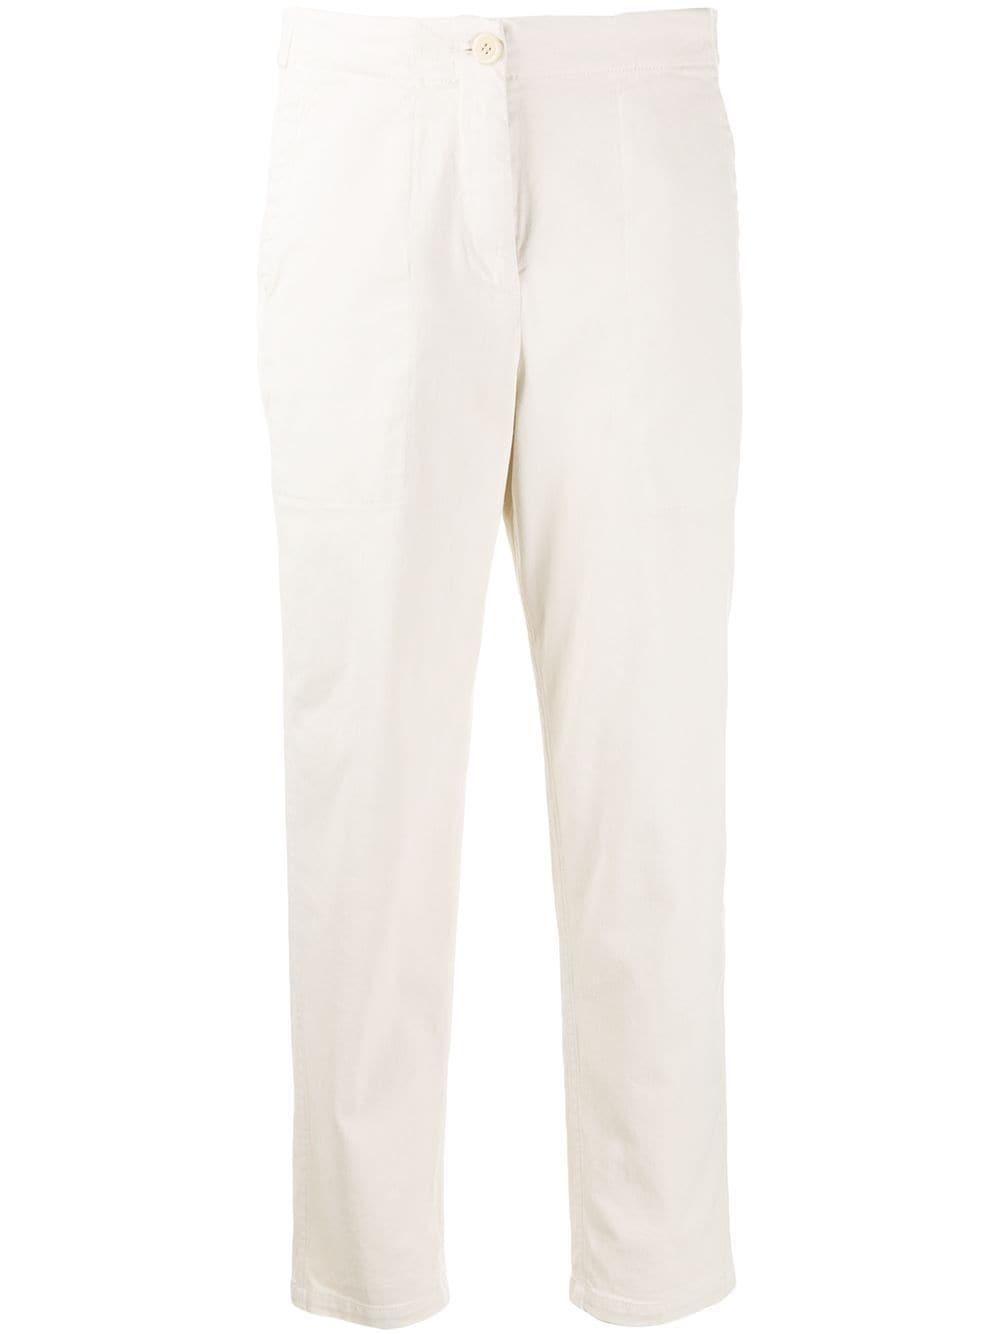 Cream stretch cotton mid-rise utility trousers   ALBERTO ASPESI |  | 0110-E72985043